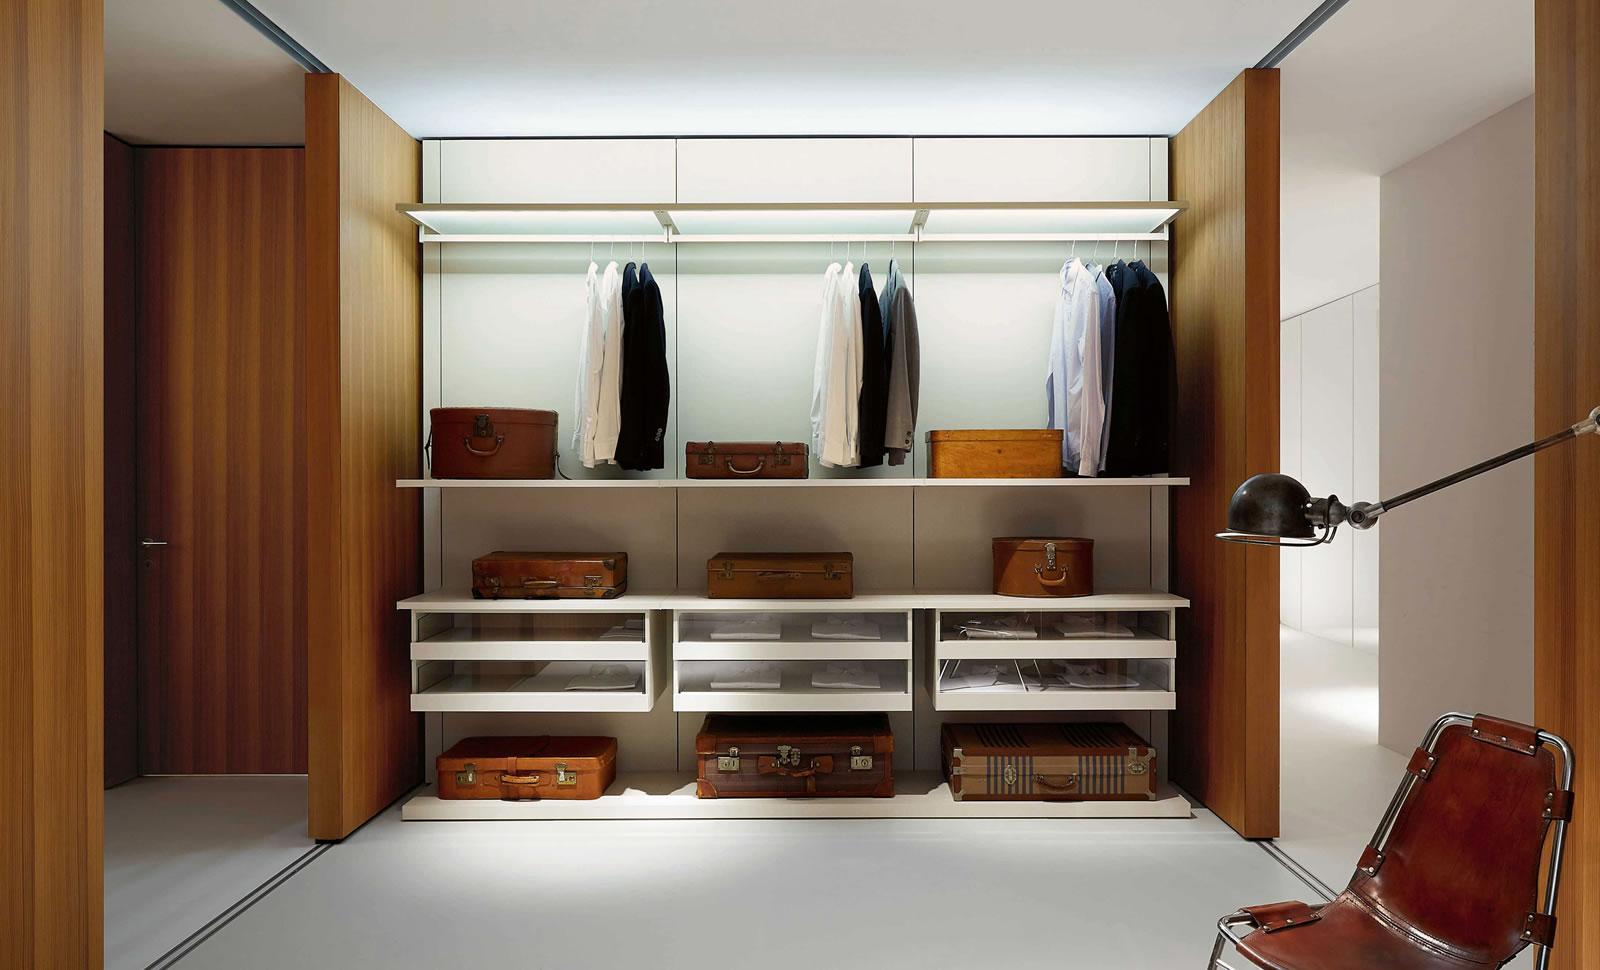 Walk in closet porro trä wood förvaring garderobslösning